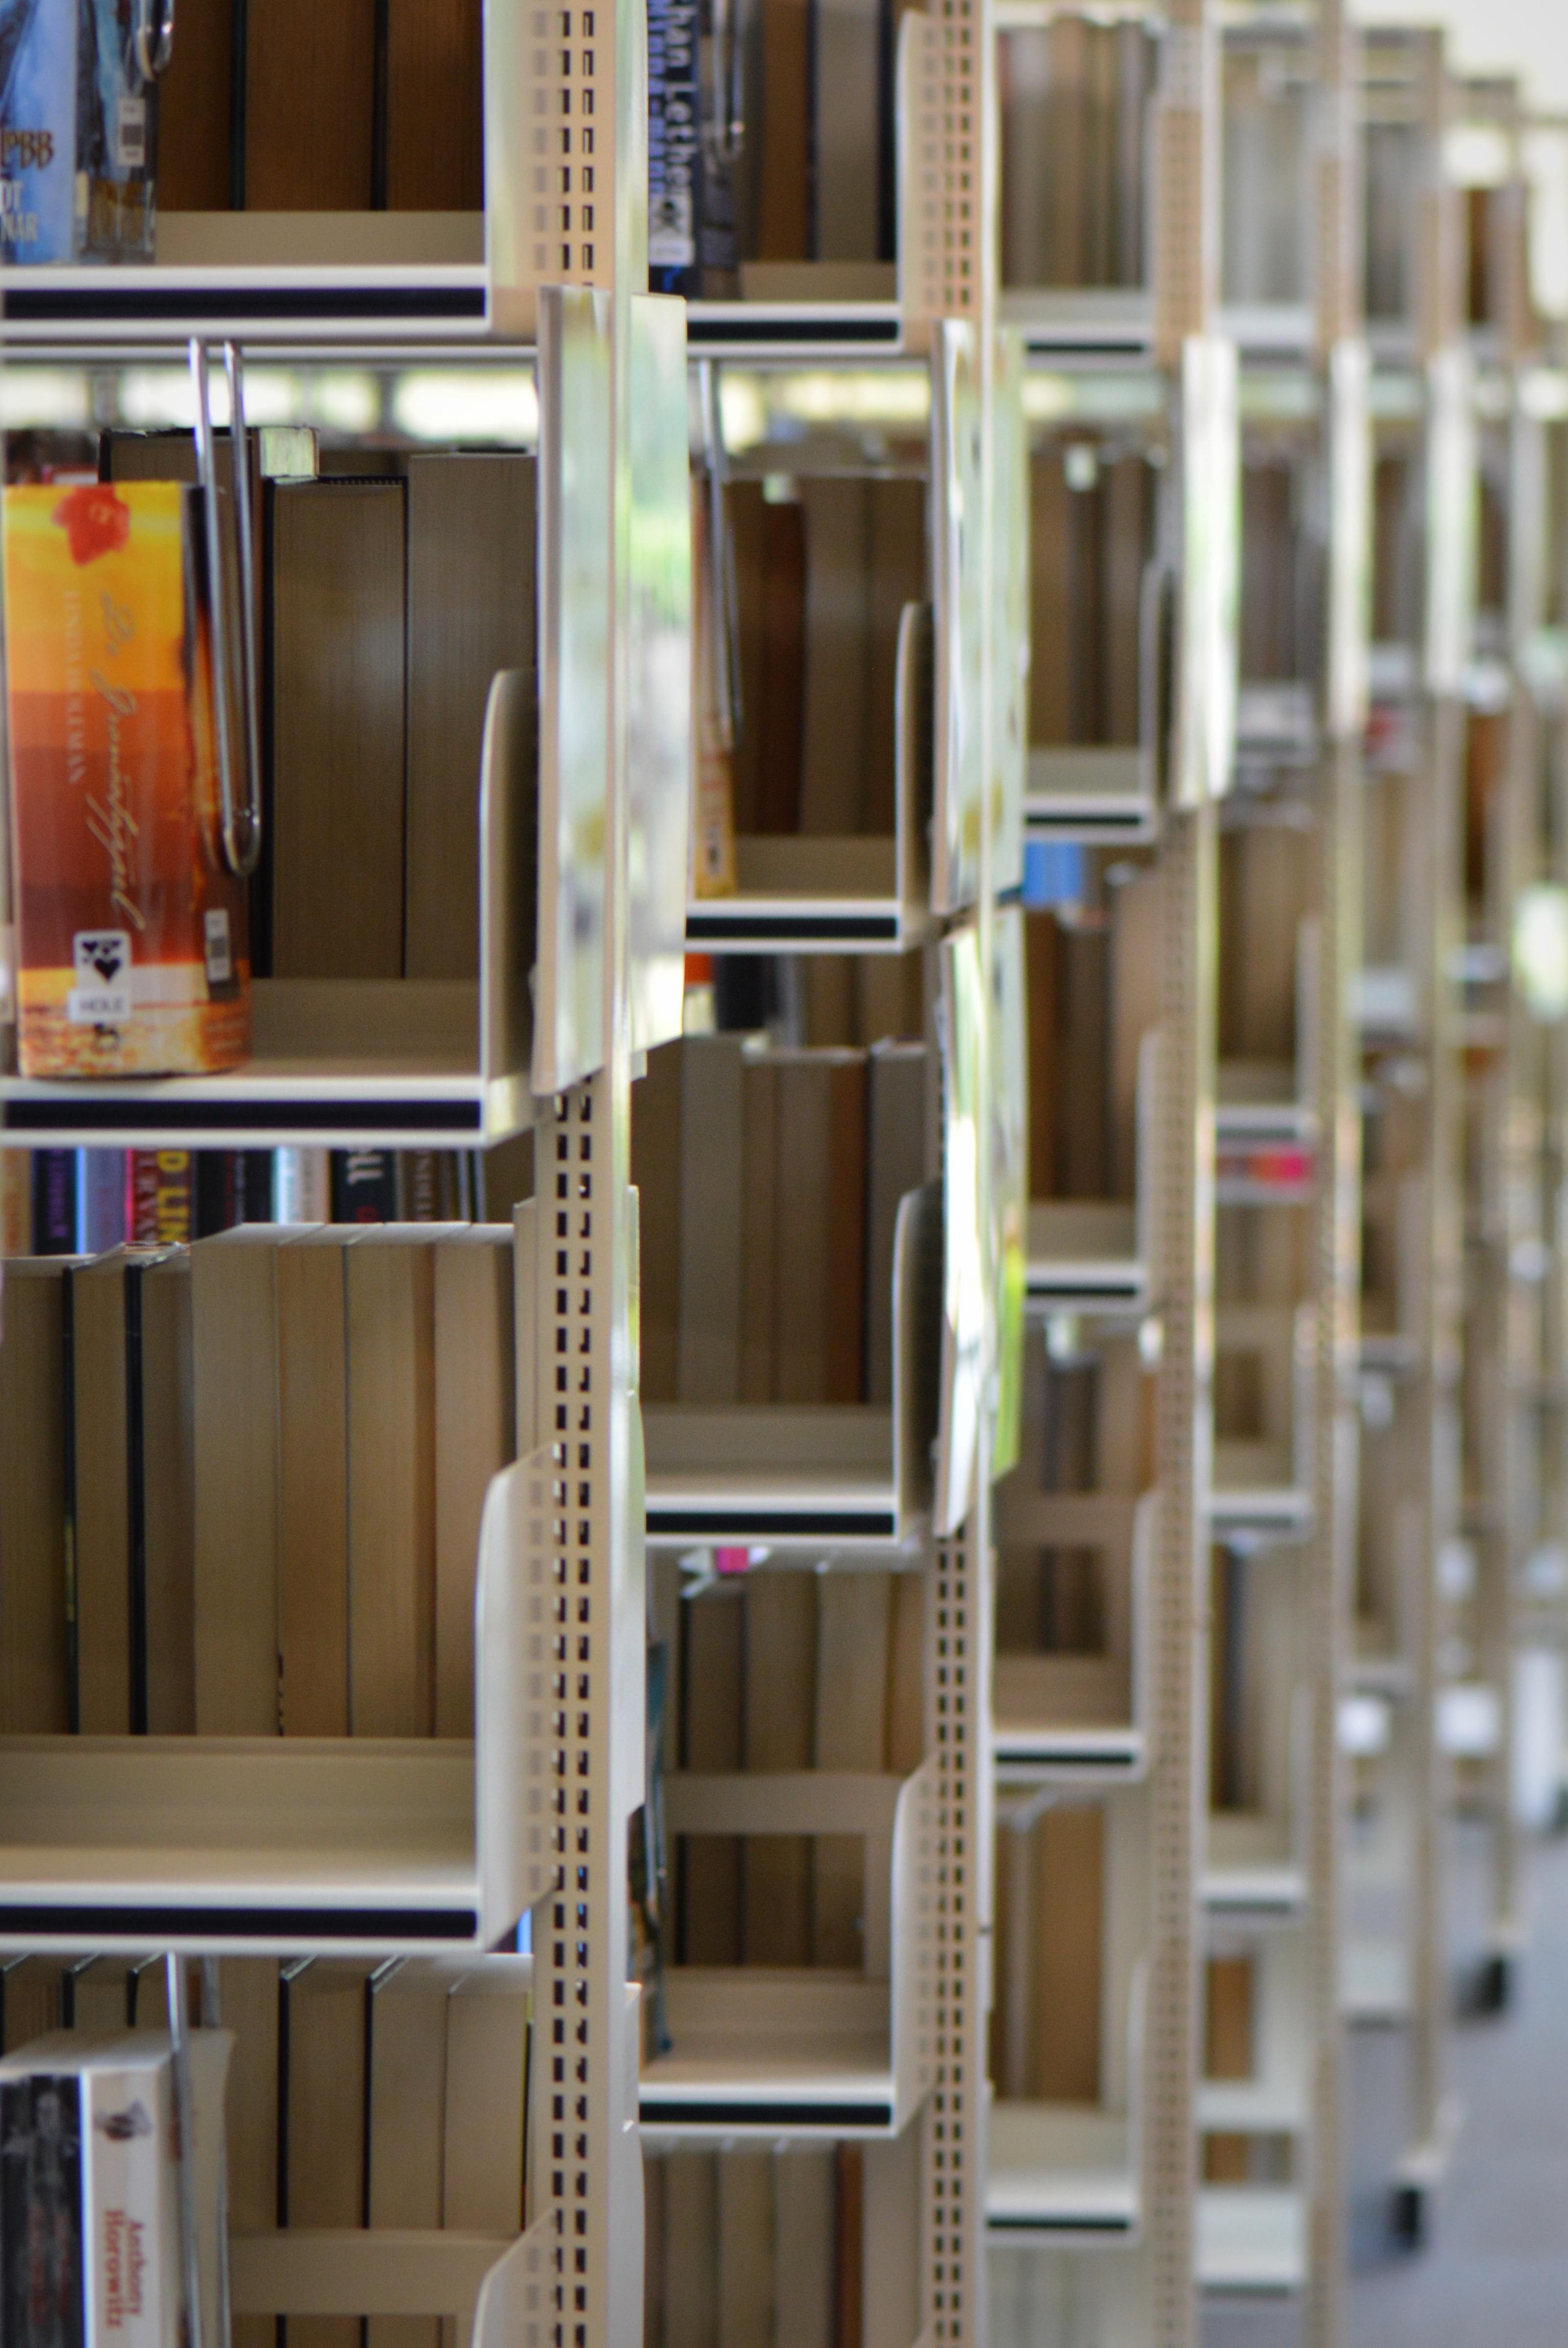 leer madera estante mueble habitacin estante para libros diseo de interiores biblioteca diseo libros estantera inventario